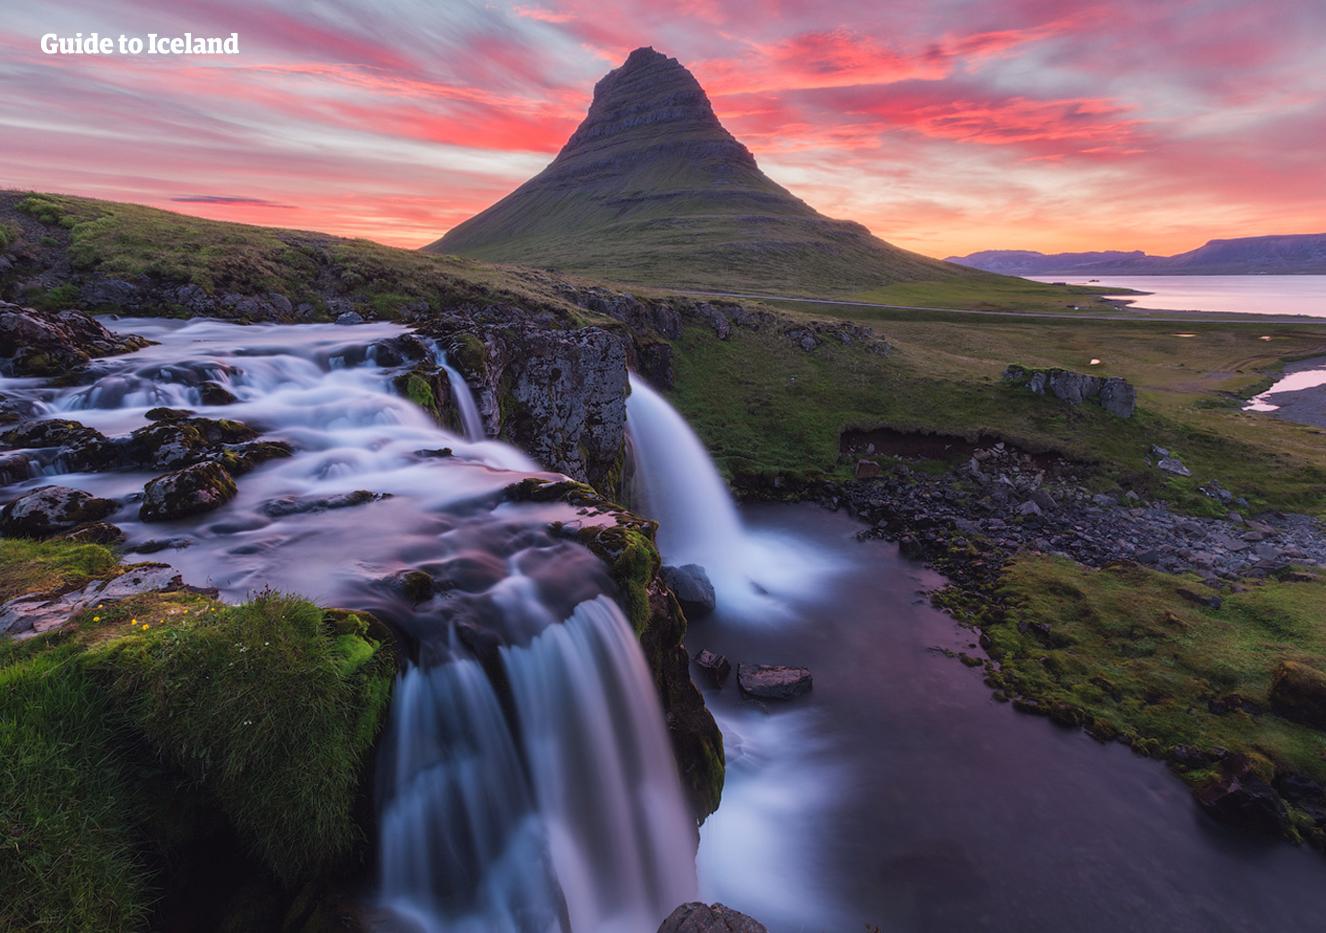 斯奈山半岛的教会山也称草帽山,是冰岛最富盛名的景点之一